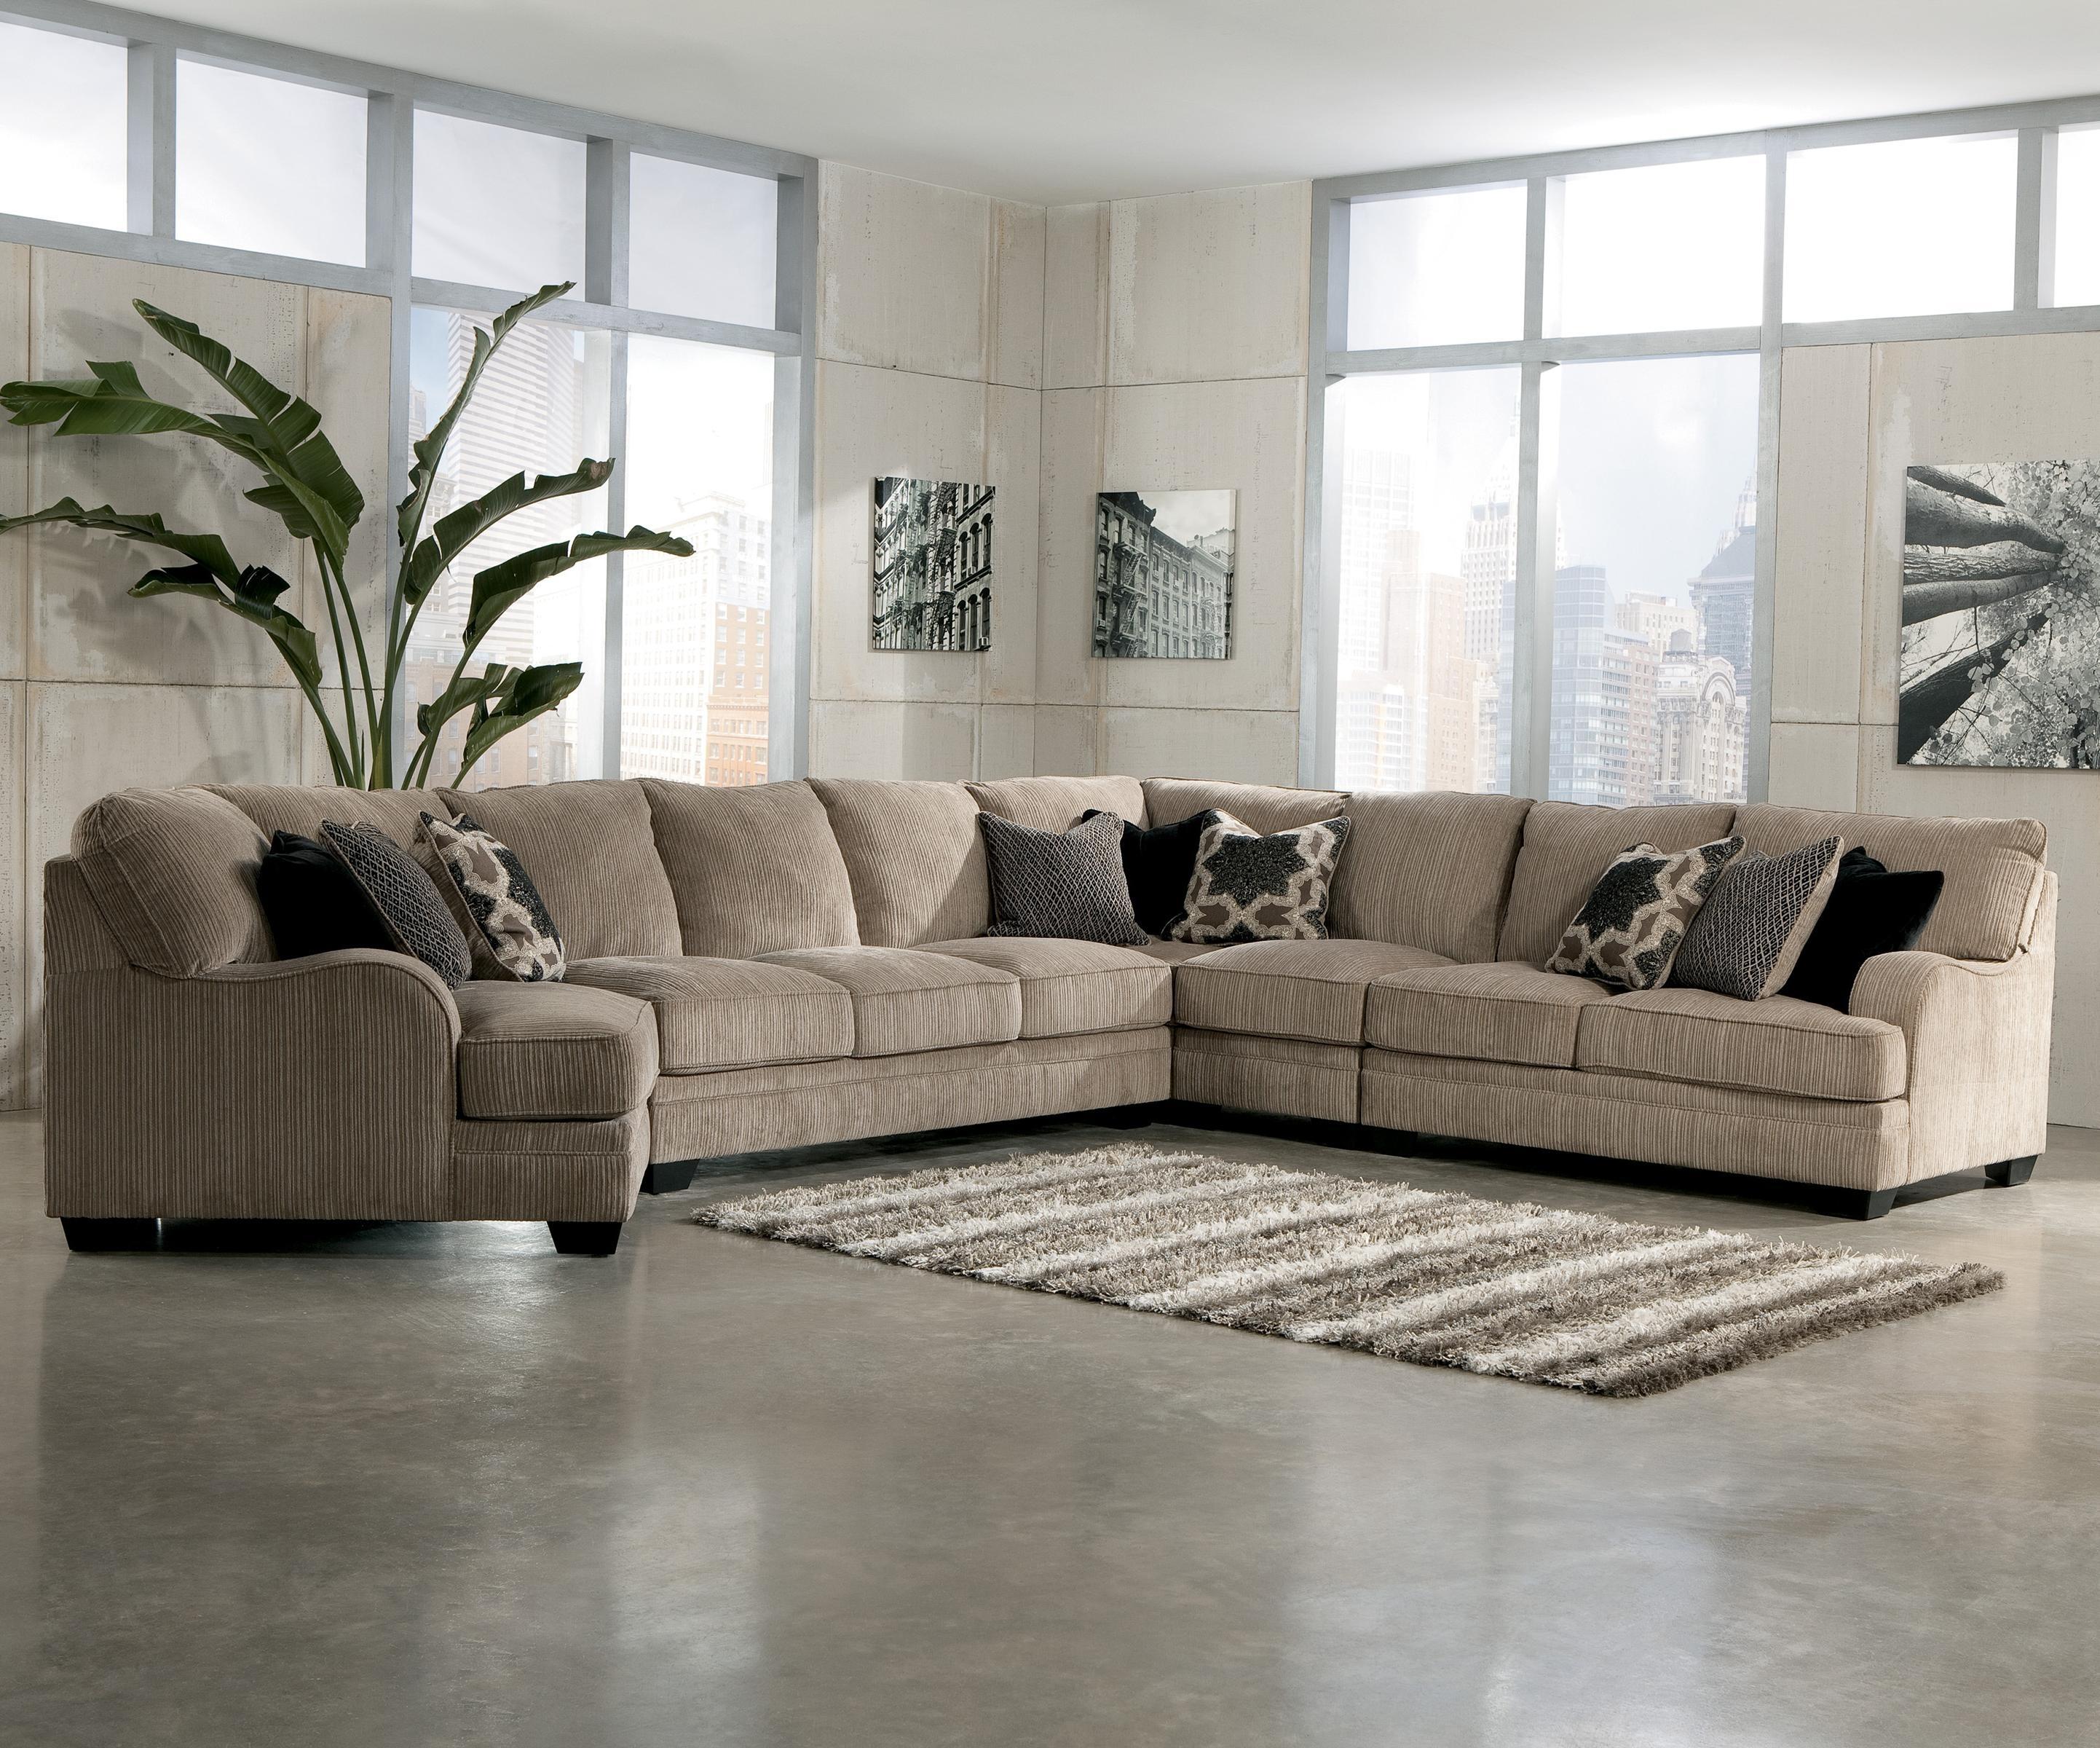 Signature Designashley Katisha – Platinum 5 Piece Sectional Sofa Within Blaine 4 Piece Sectionals (Image 22 of 25)